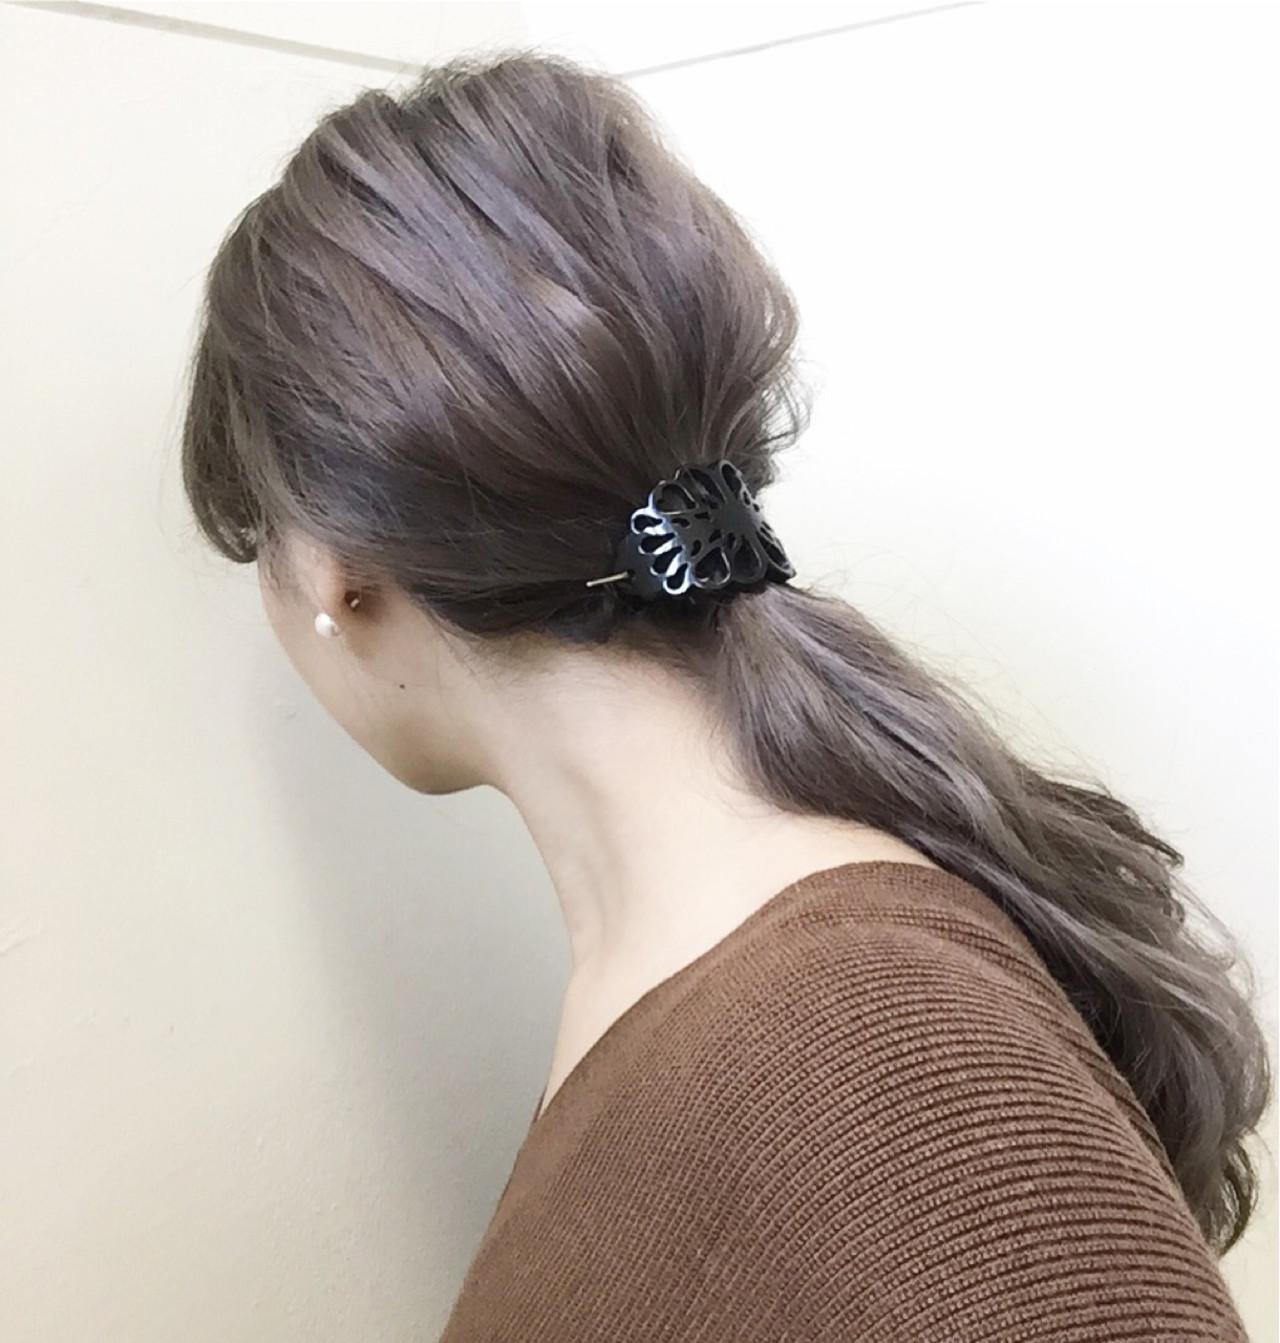 ハイライト アッシュ 大人女子 ショート ヘアスタイルや髪型の写真・画像 | Shokoxxx / hair salon kette